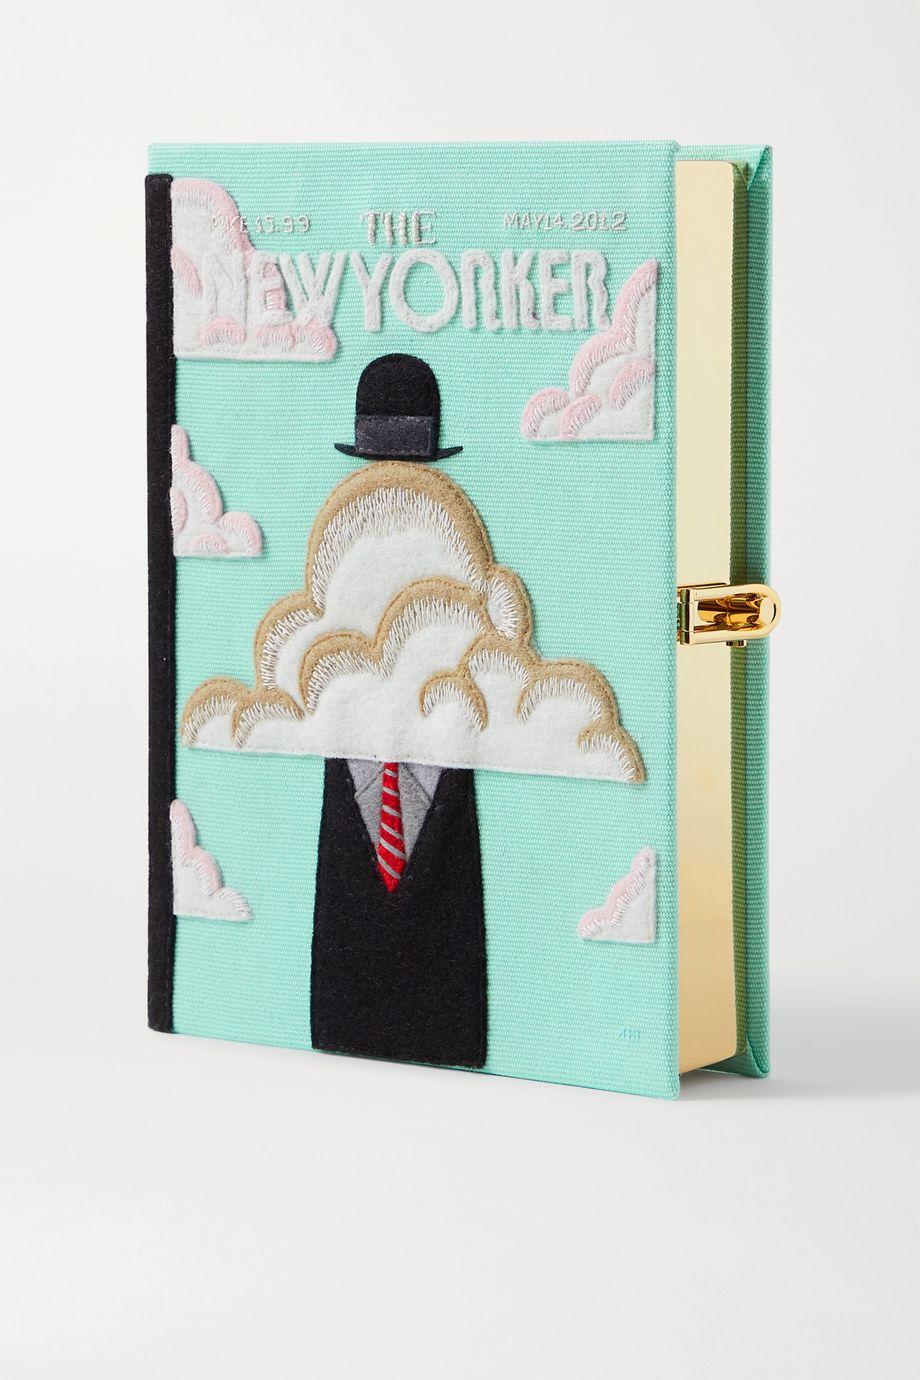 Olympia Le-Tan The New Yorker Clutch aus Canvas mit Applikationen und Stickereien